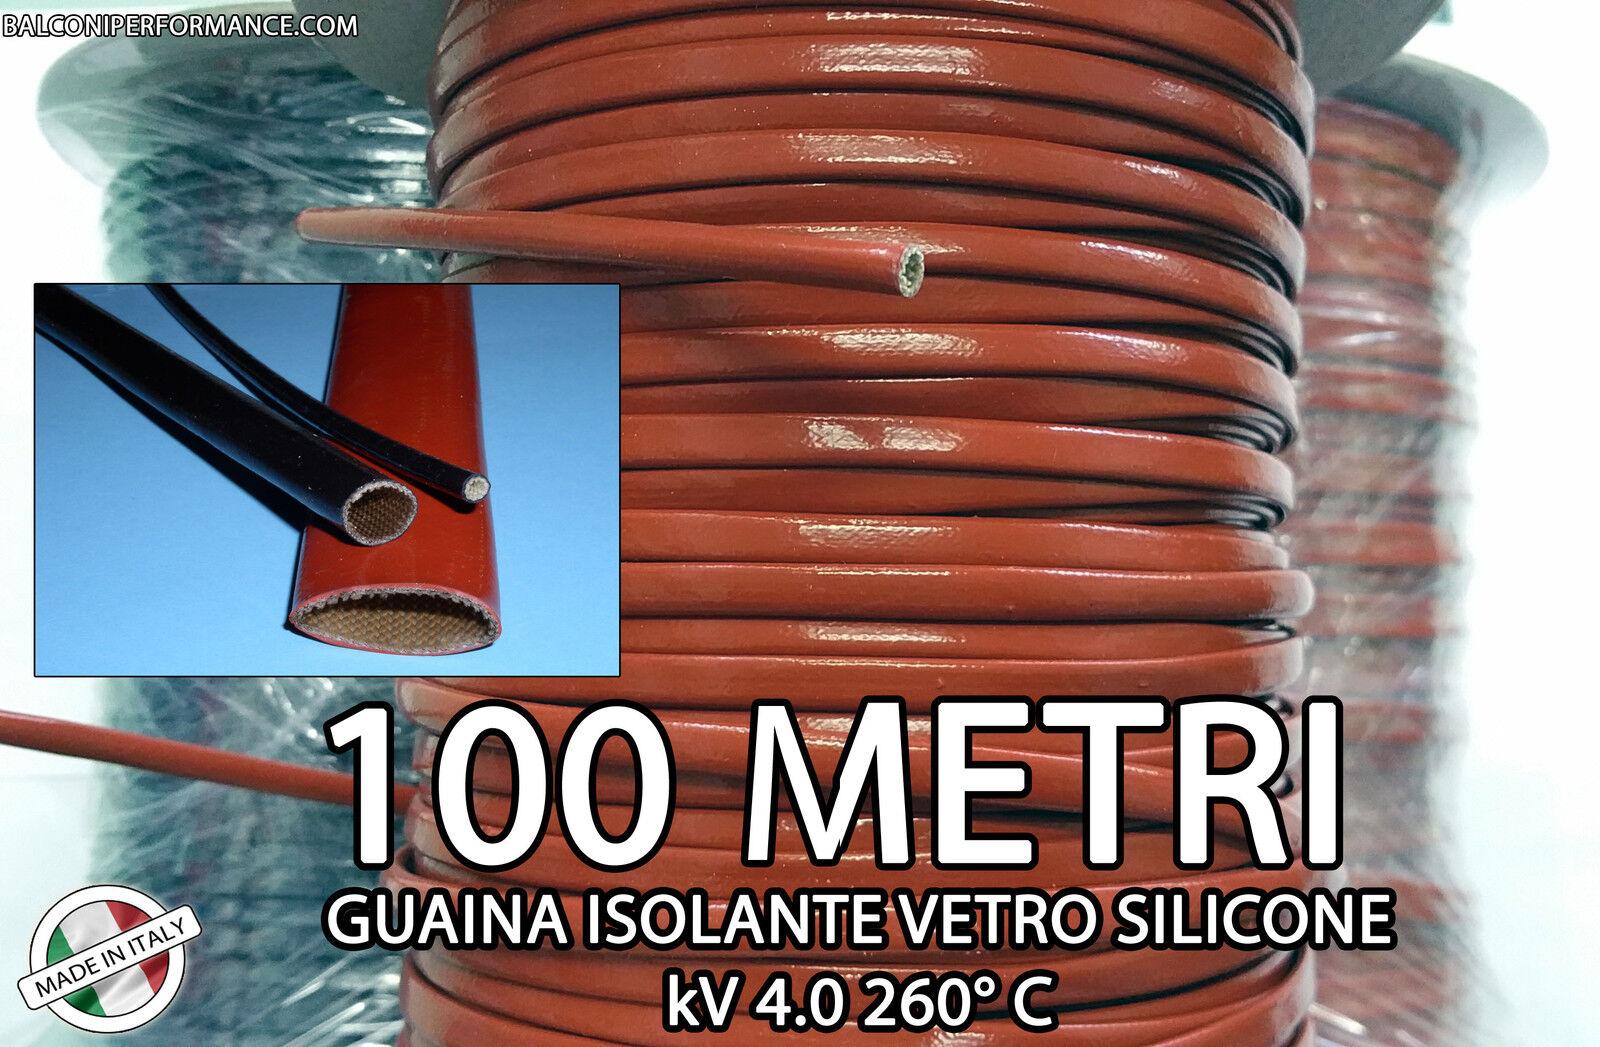 GUAINA ISOLANTE VETRO SILICONE ALTE TEMPERATURE bobina 100 Metri 4000V 260° C